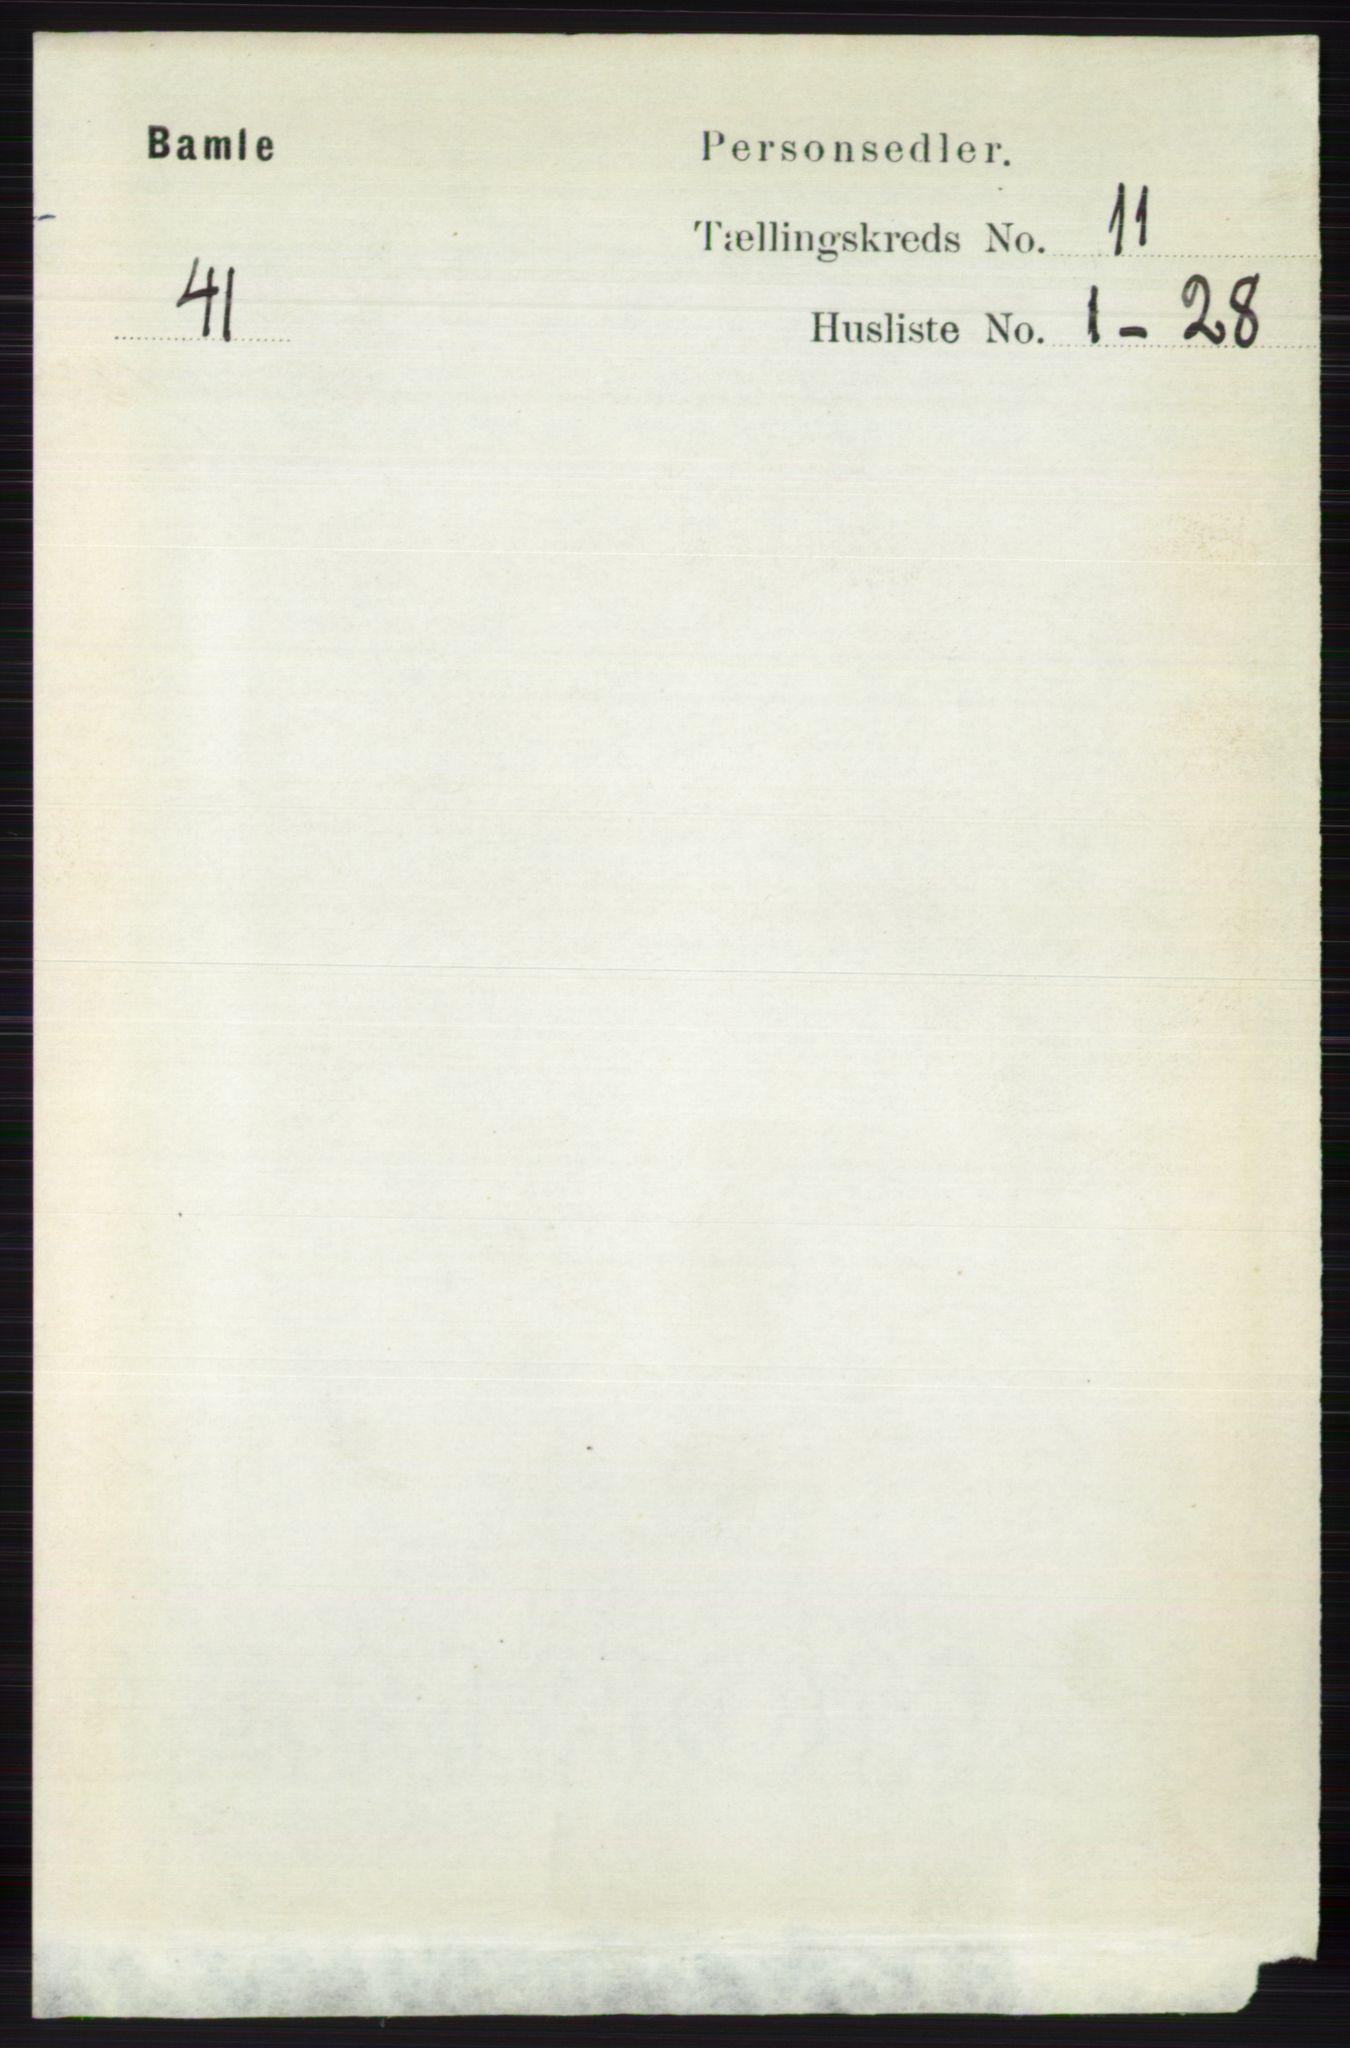 RA, Folketelling 1891 for 0814 Bamble herred, 1891, s. 6270